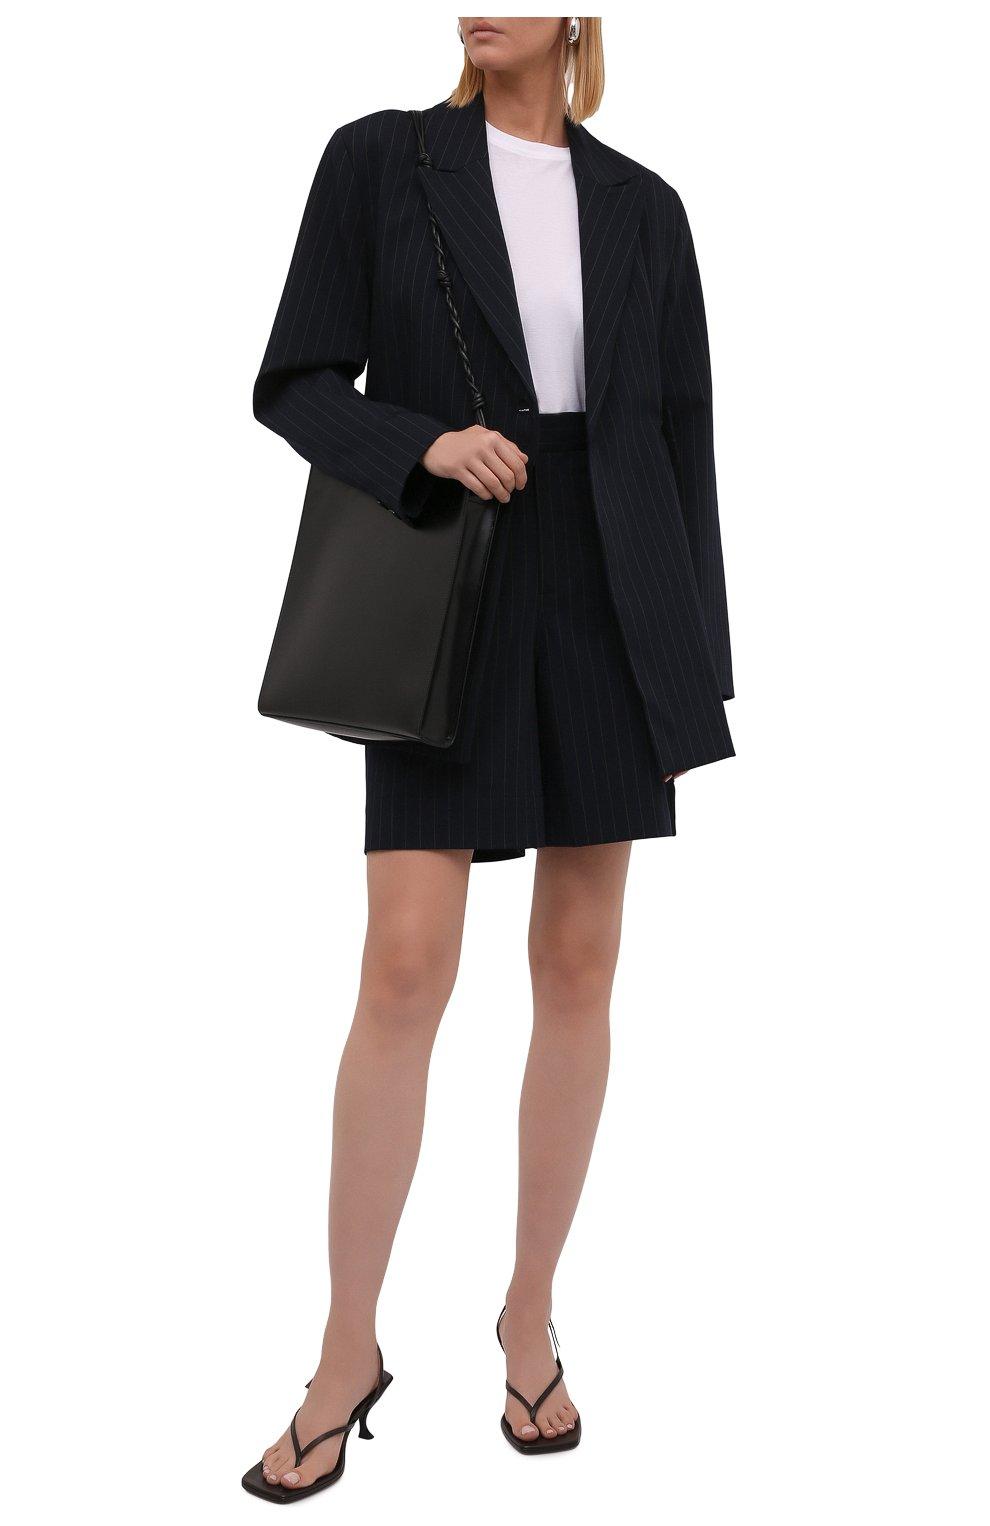 Женские шорты-бермуды GANNI темно-синего цвета, арт. F6119   Фото 2 (Женское Кросс-КТ: Шорты-одежда; Длина Ж (юбки, платья, шорты): Мини; Материал внешний: Синтетический материал, Вискоза; Кросс-КТ: Широкие; Стили: Кэжуэл)